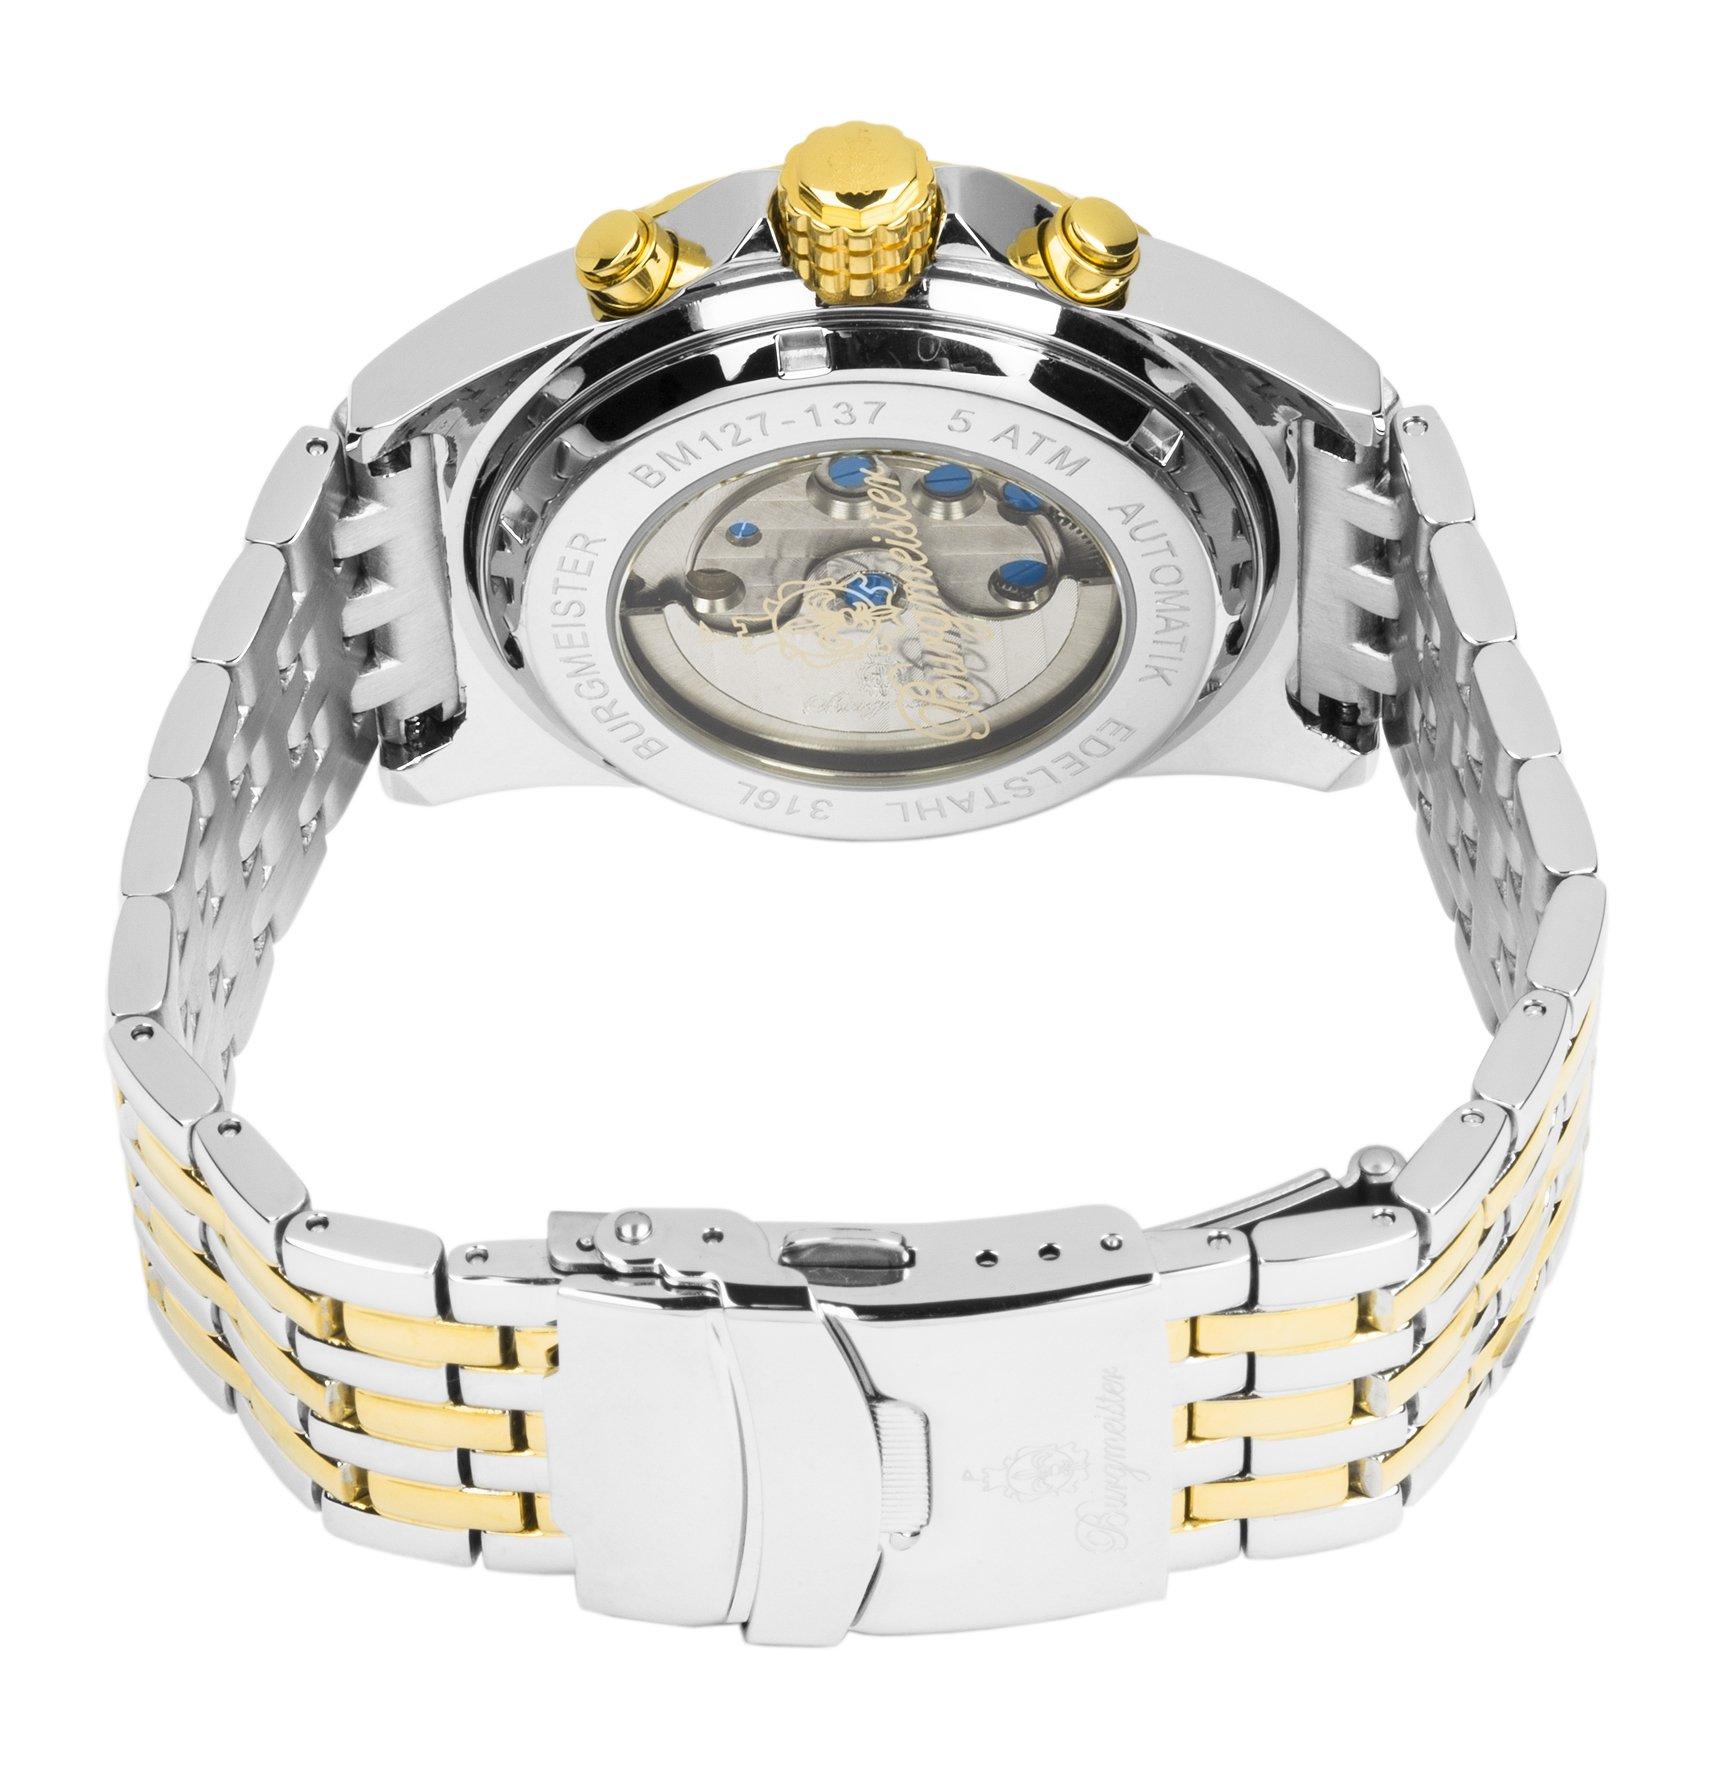 Burgmeister-Armbanduhr-fr-Herren-mit-Analog-Anzeige-Automatik-Uhr-mit-Edelstahl-Armband-Wasserdichte-Herrenuhr-mit-zeitlosem-schickem-Design-klassische-Uhr-fr-Mnner-BM127-137-Royal-Diamond